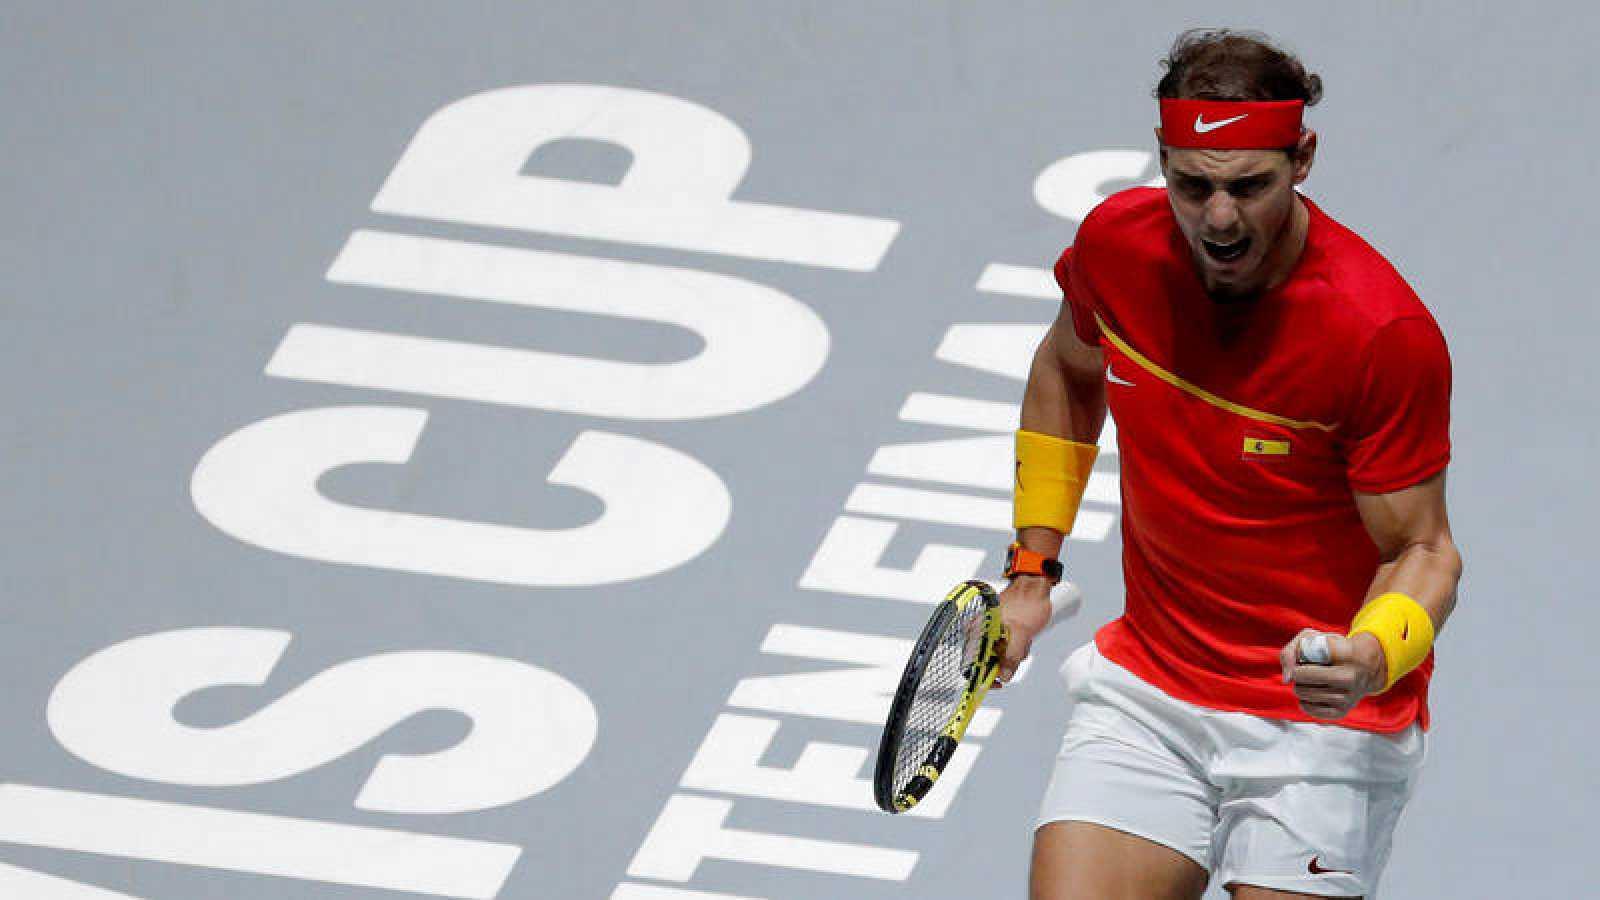 El tenista español Rafa Nadal celebra un punto en la final de Copa Davis.